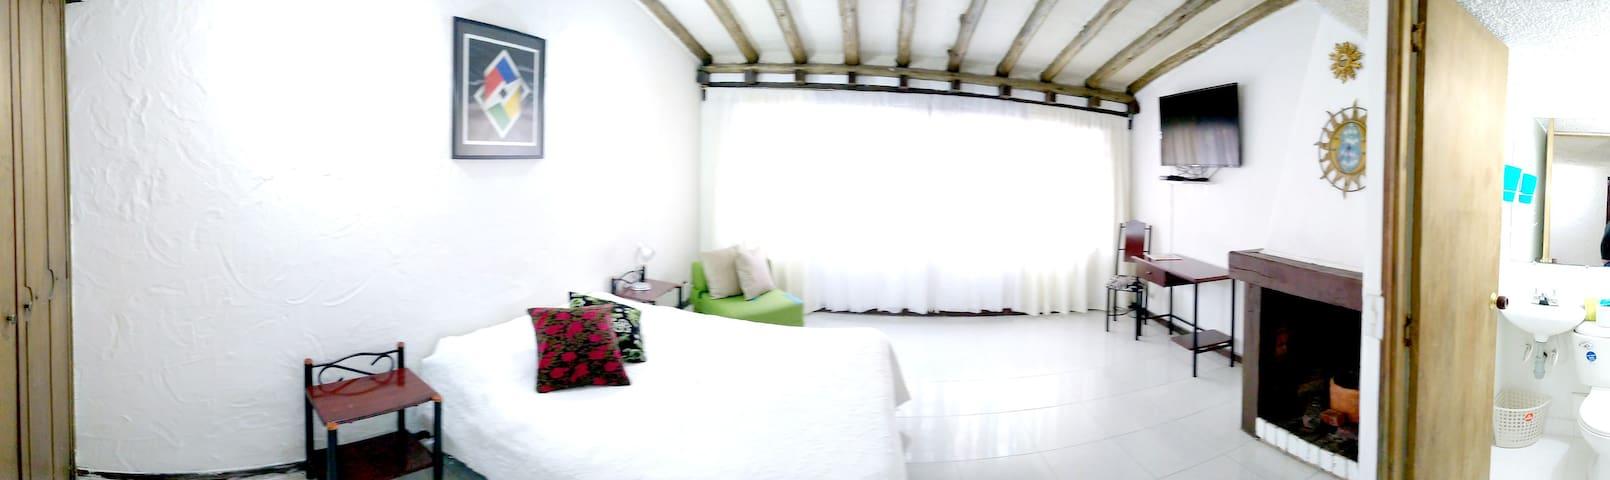 Habitacion con chimenea Santa Barbara